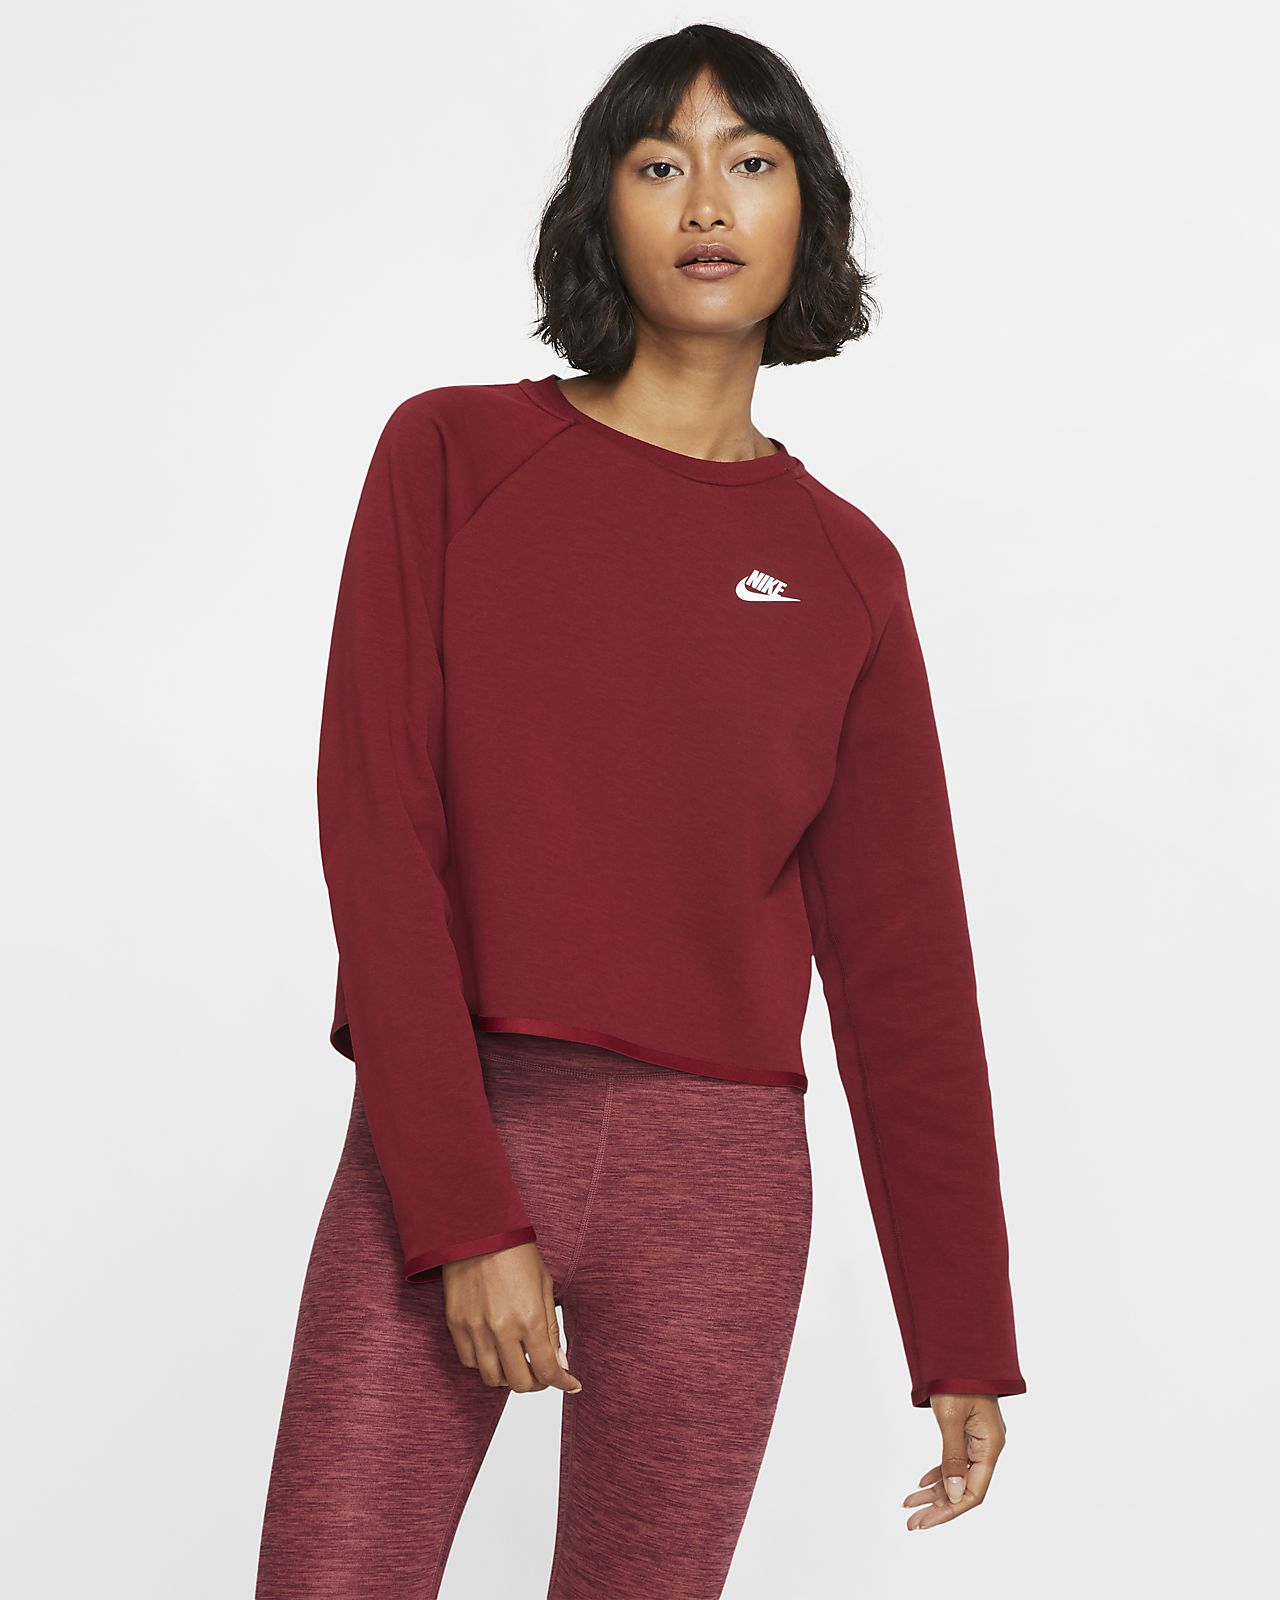 Nike Sportswear Tech Fleece Women's Crew